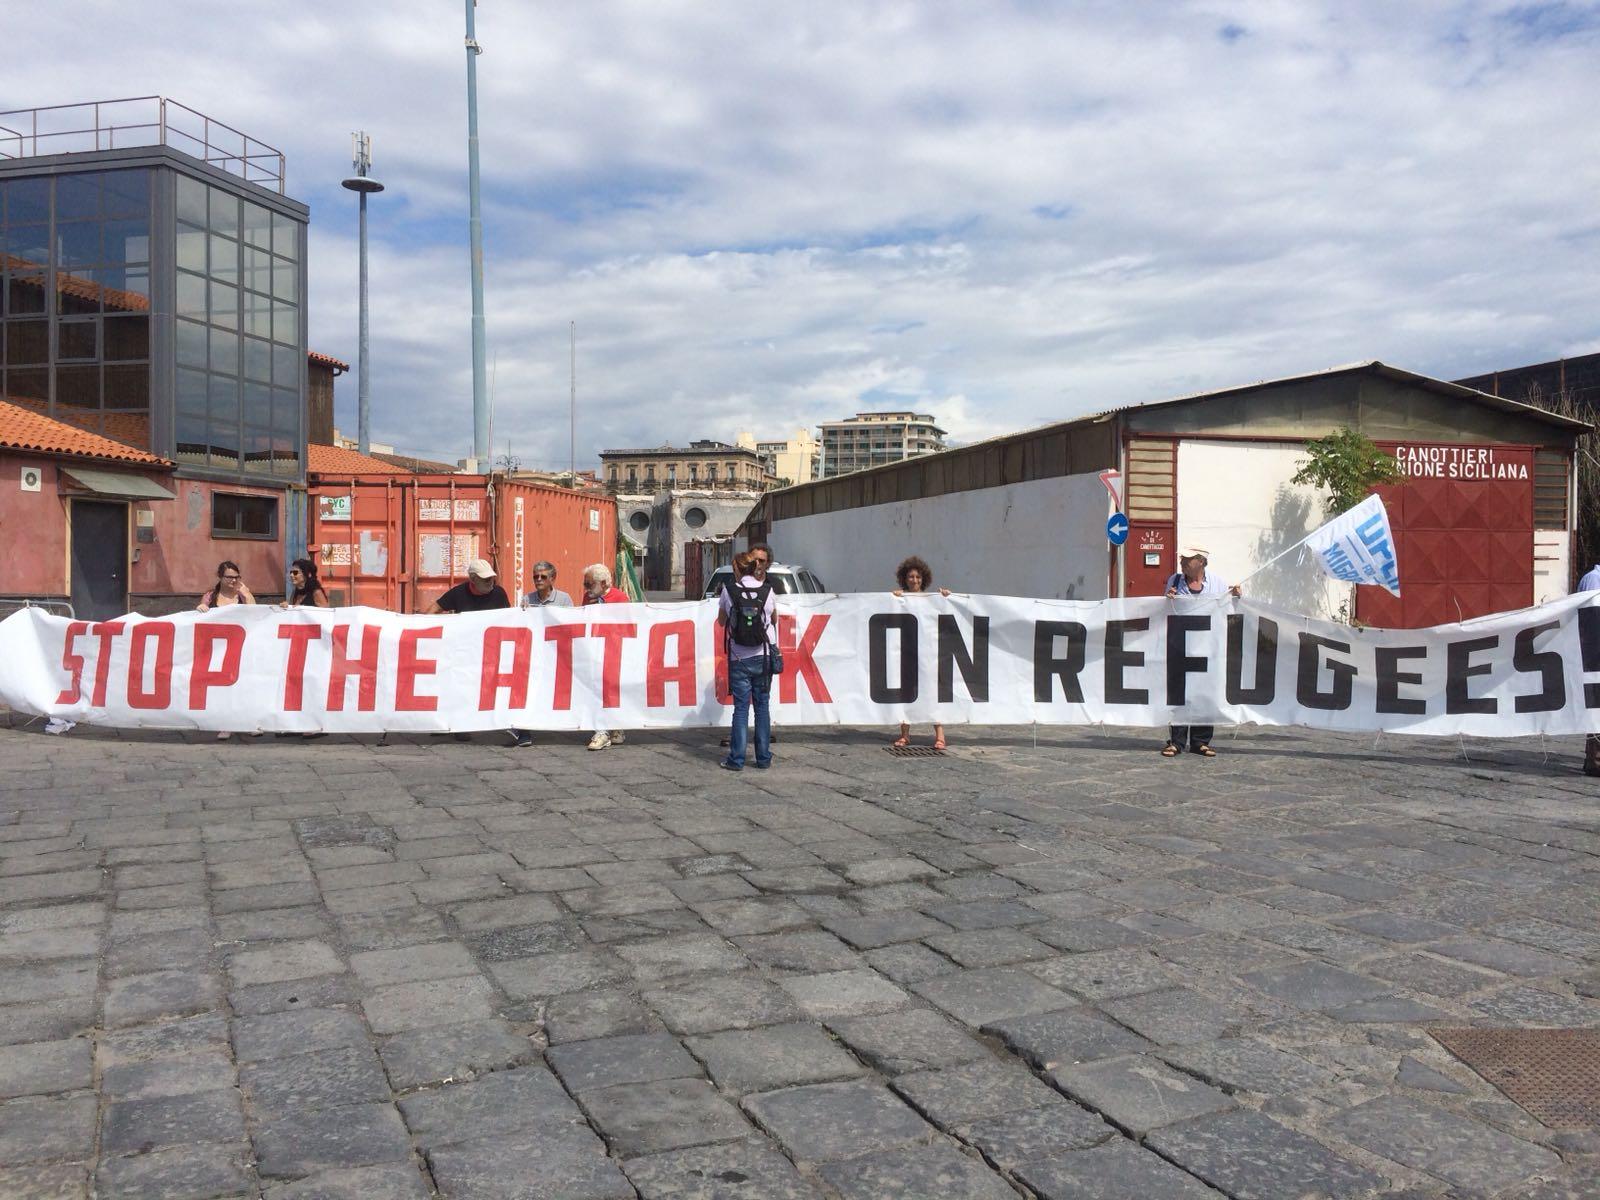 Wie die italienische Politik weiterhin Migrant*innen zum Sündenbock macht - Analyse